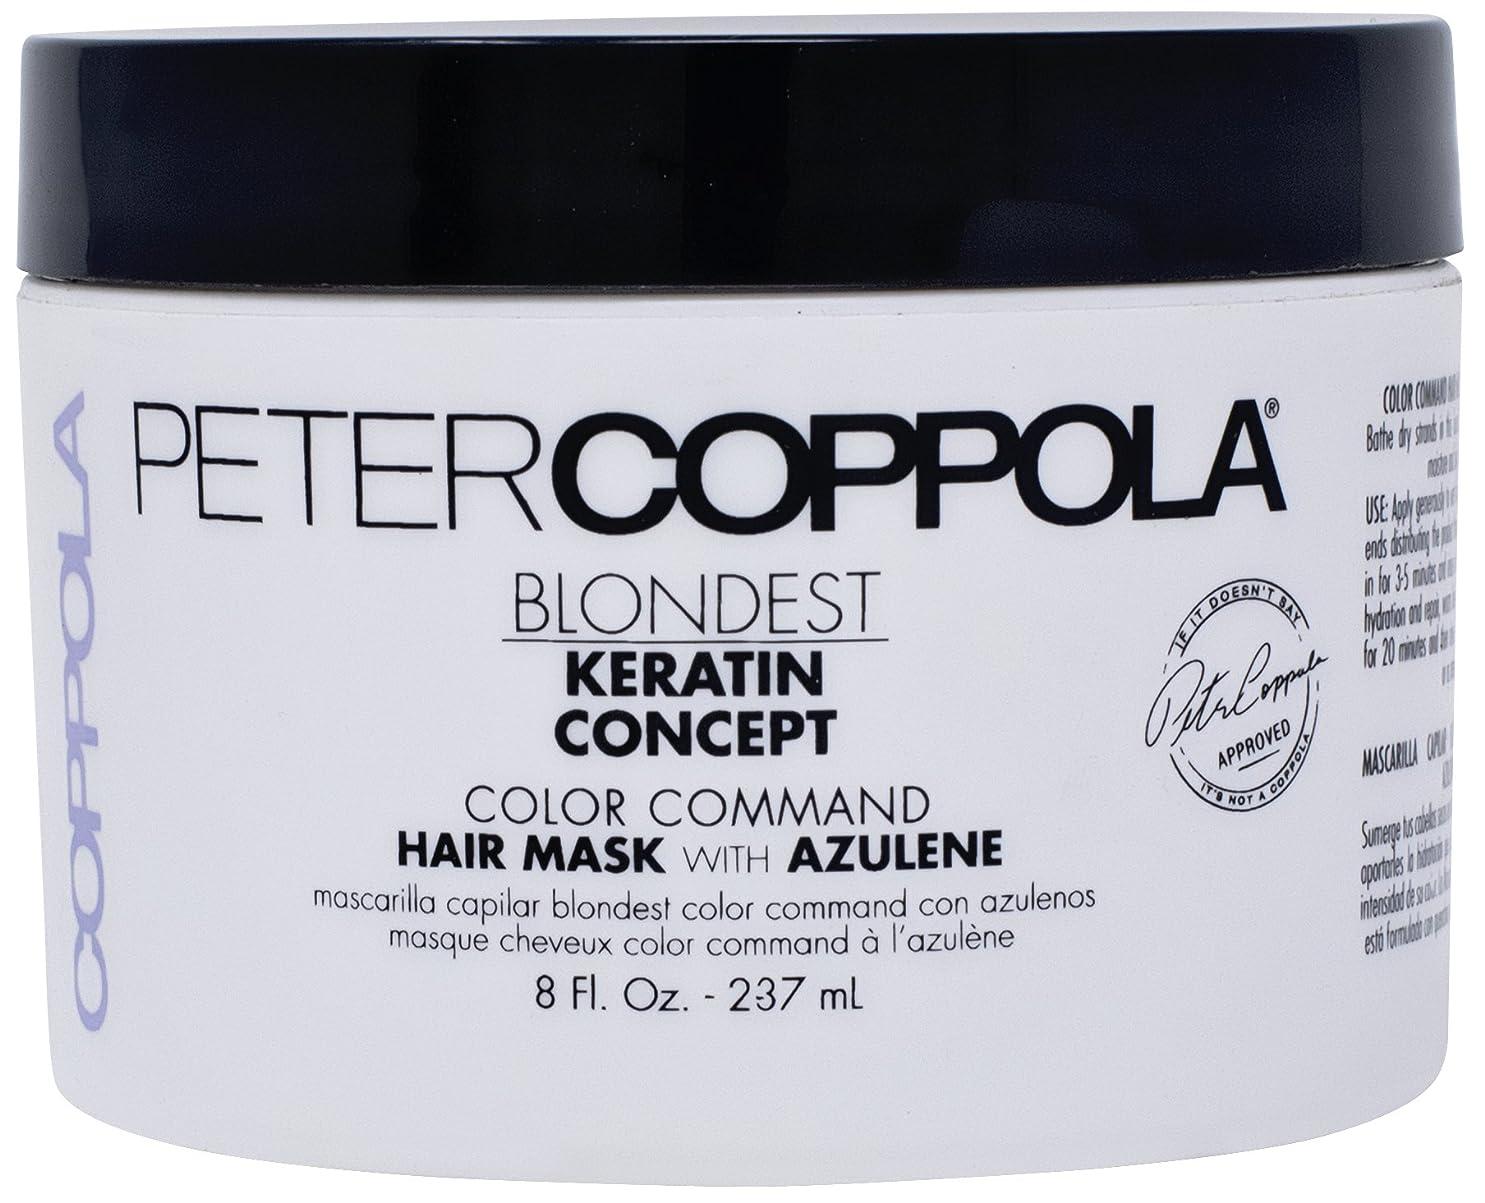 採用作成者ぼかすPeter Coppola アズレンとマスクの色コマンドブロンド髪 - ブロンド調色は、削除イエロー、ケラチン金庫、損傷修復、ディープコンディショニングマスクをスムージング(8 OZ) 8オンス